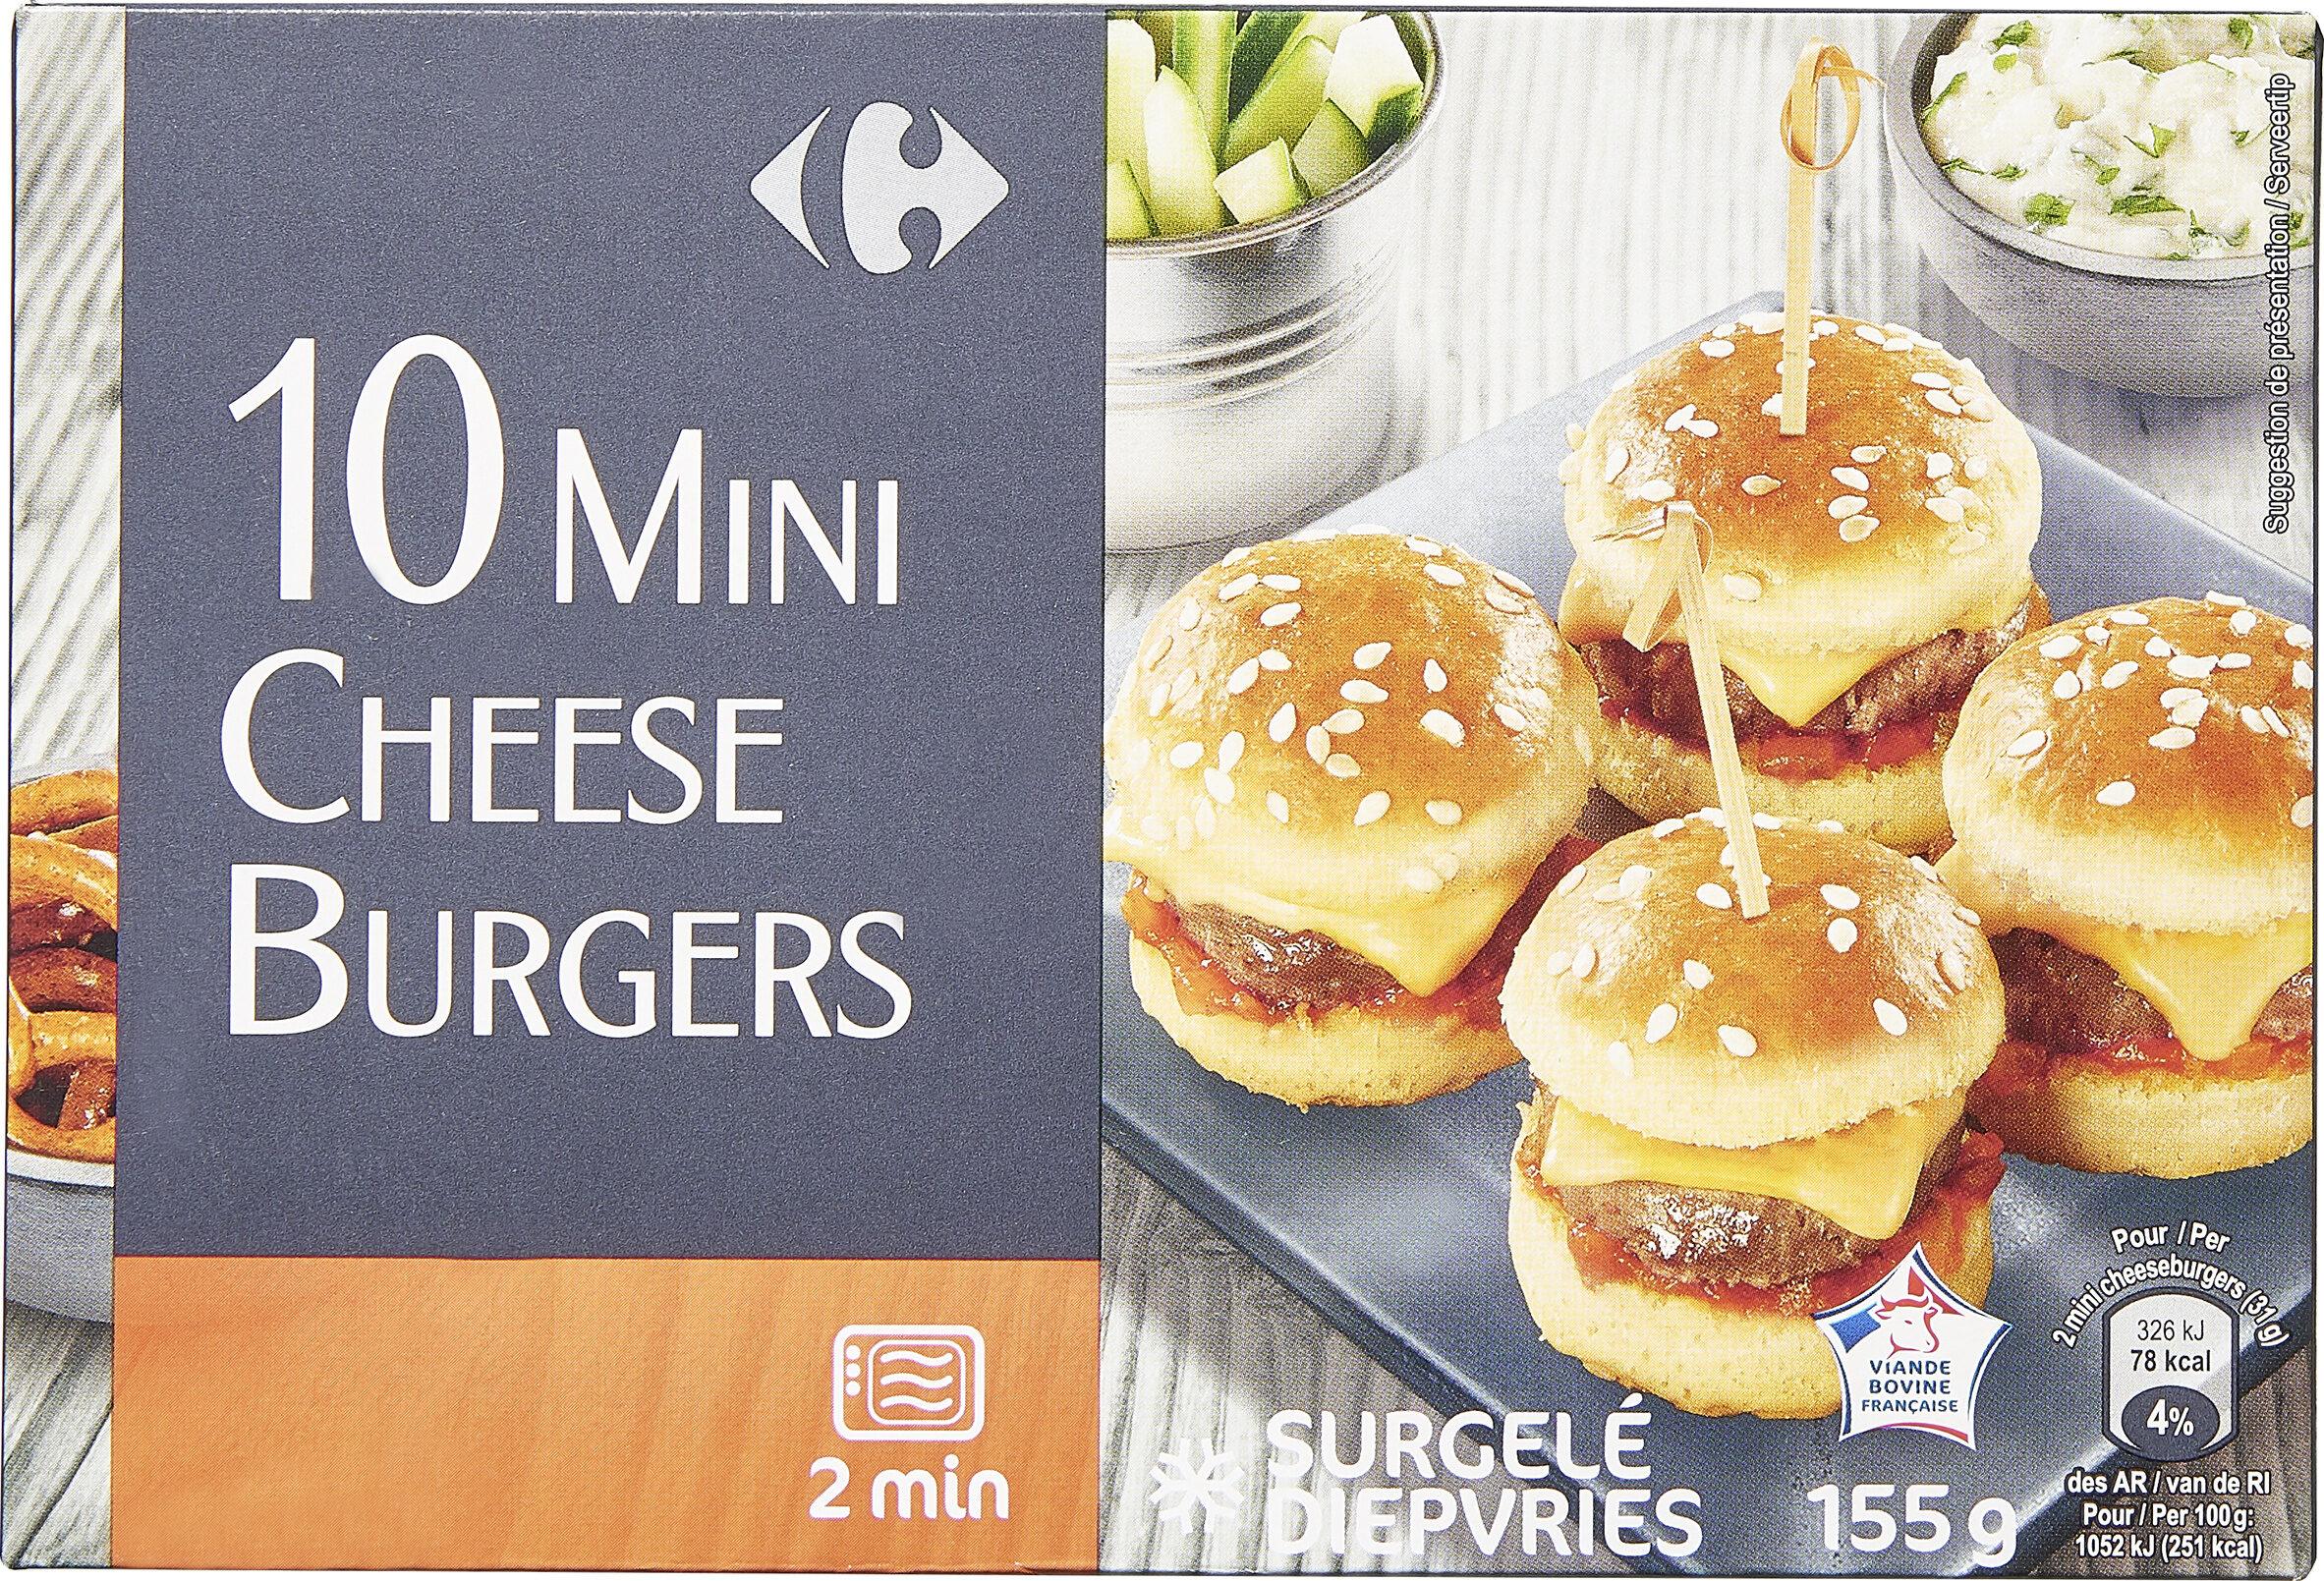 10 mini cheeseburgers - Prodotto - fr